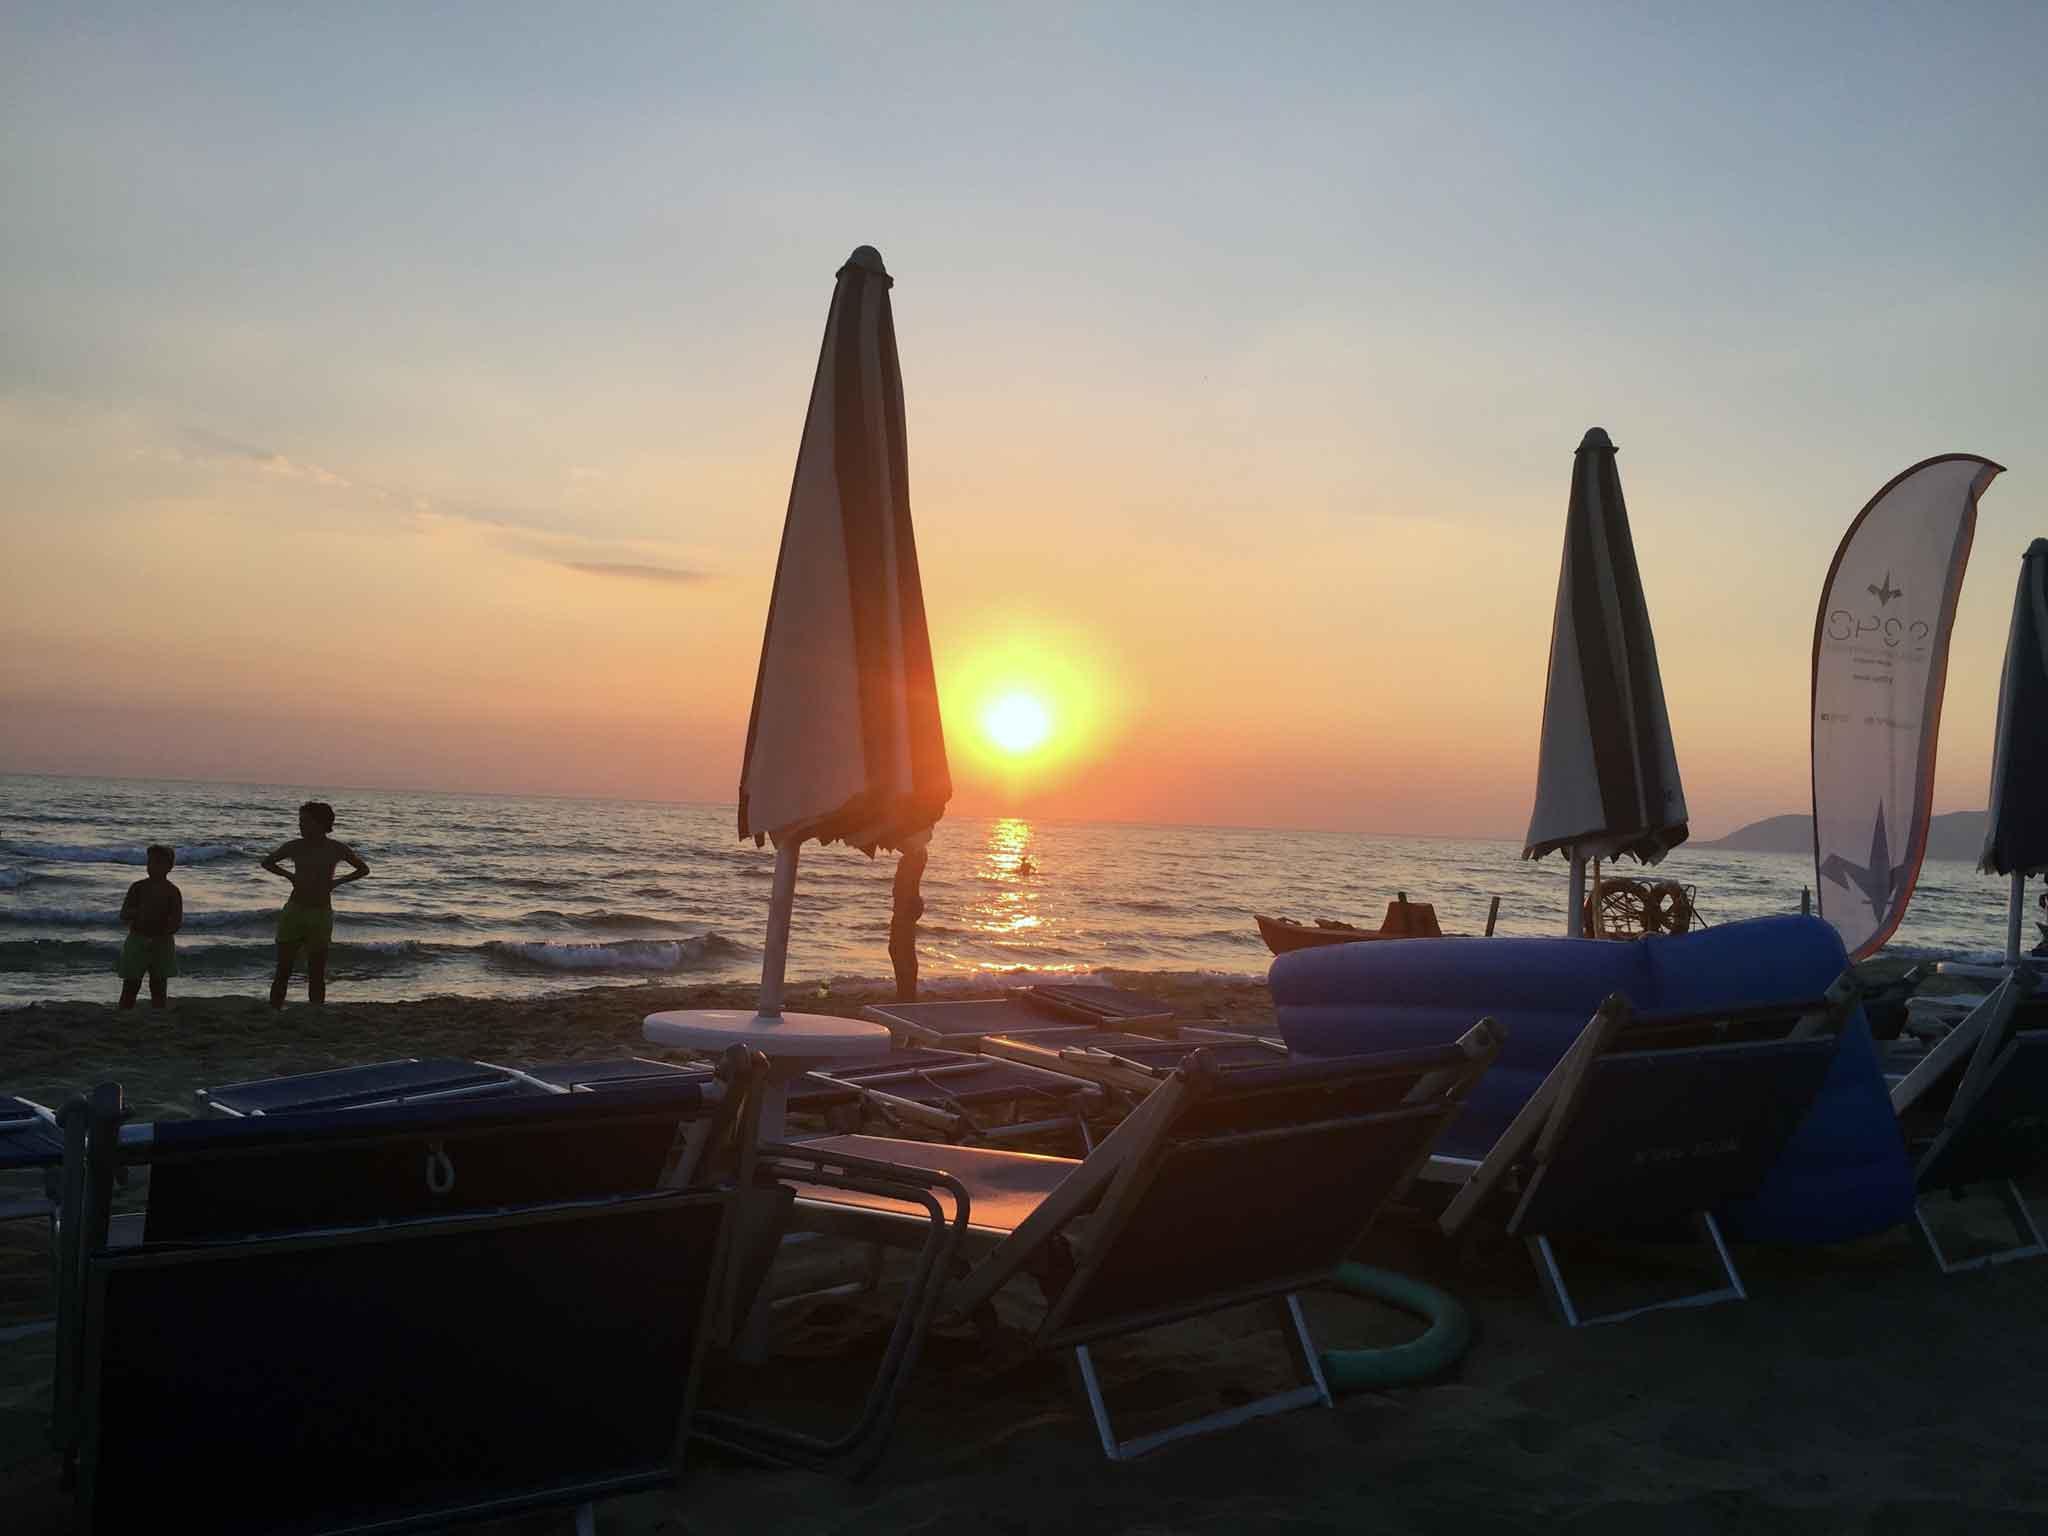 estate ombrelloni spiaggia tramonto Acciarioli